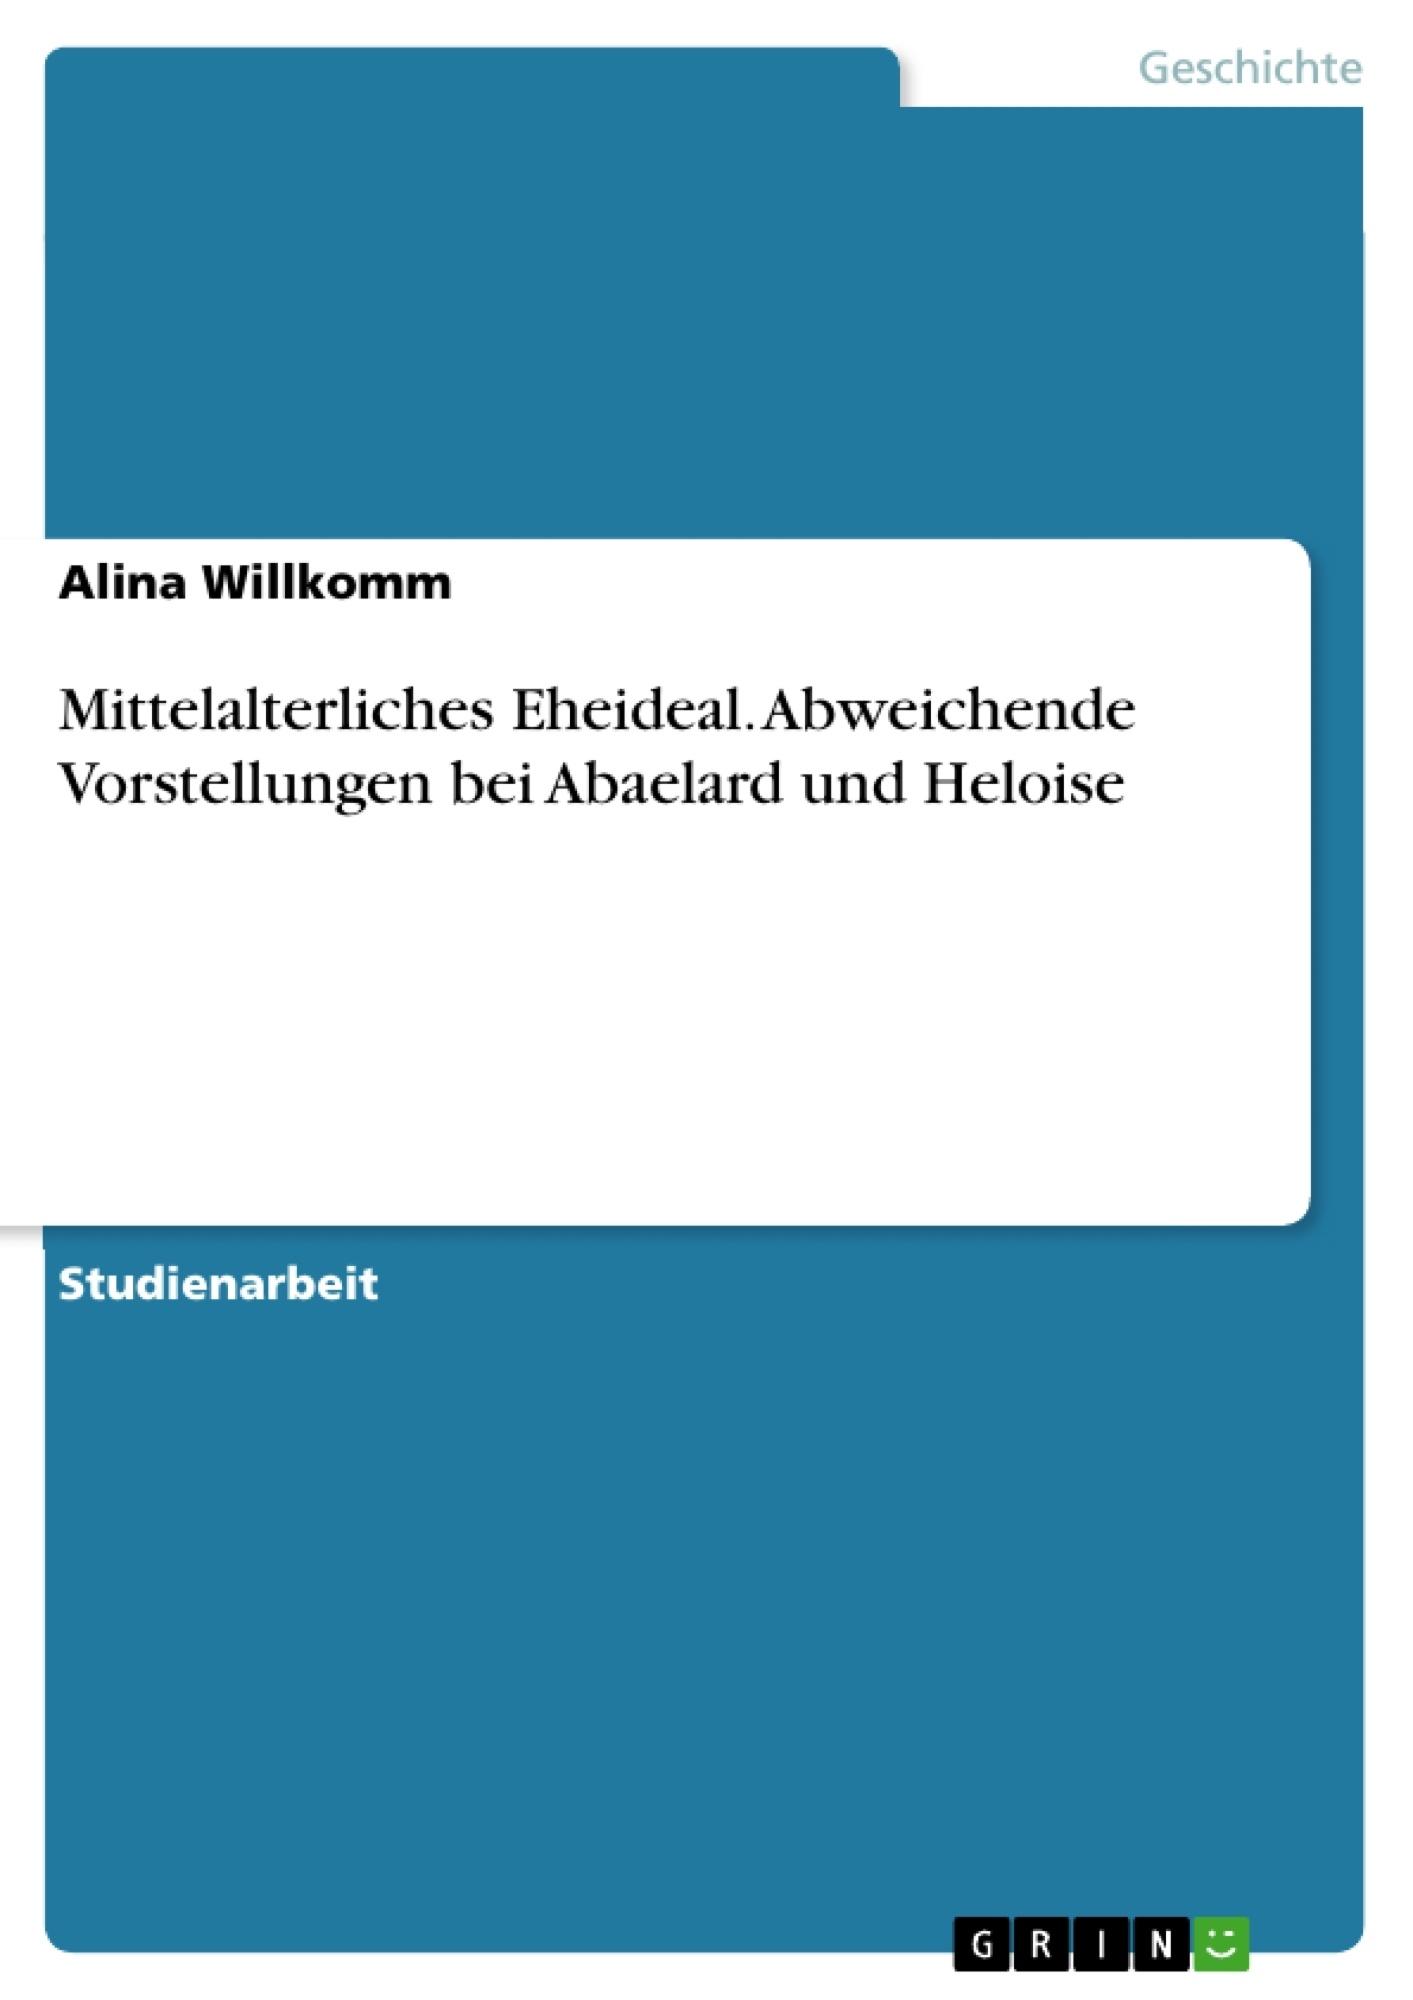 Titel: Mittelalterliches Eheideal. Abweichende Vorstellungen bei Abaelard und Heloise